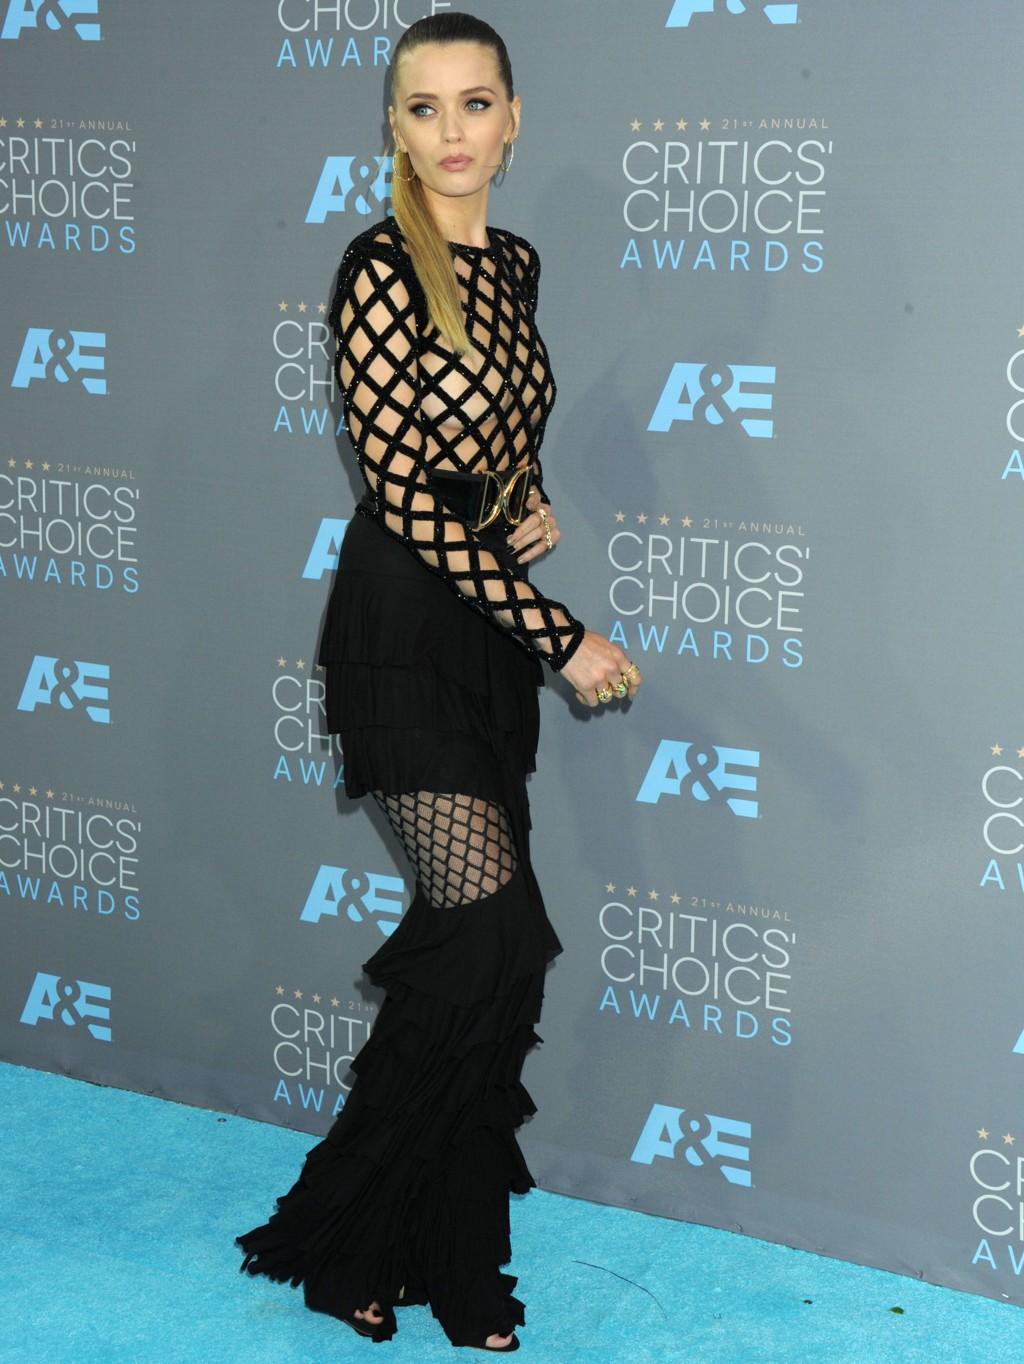 Abbey Lee Kershaw er smellvakker, men ikke engang hun klarte å bære dette nettinggjerdet med eleganse.